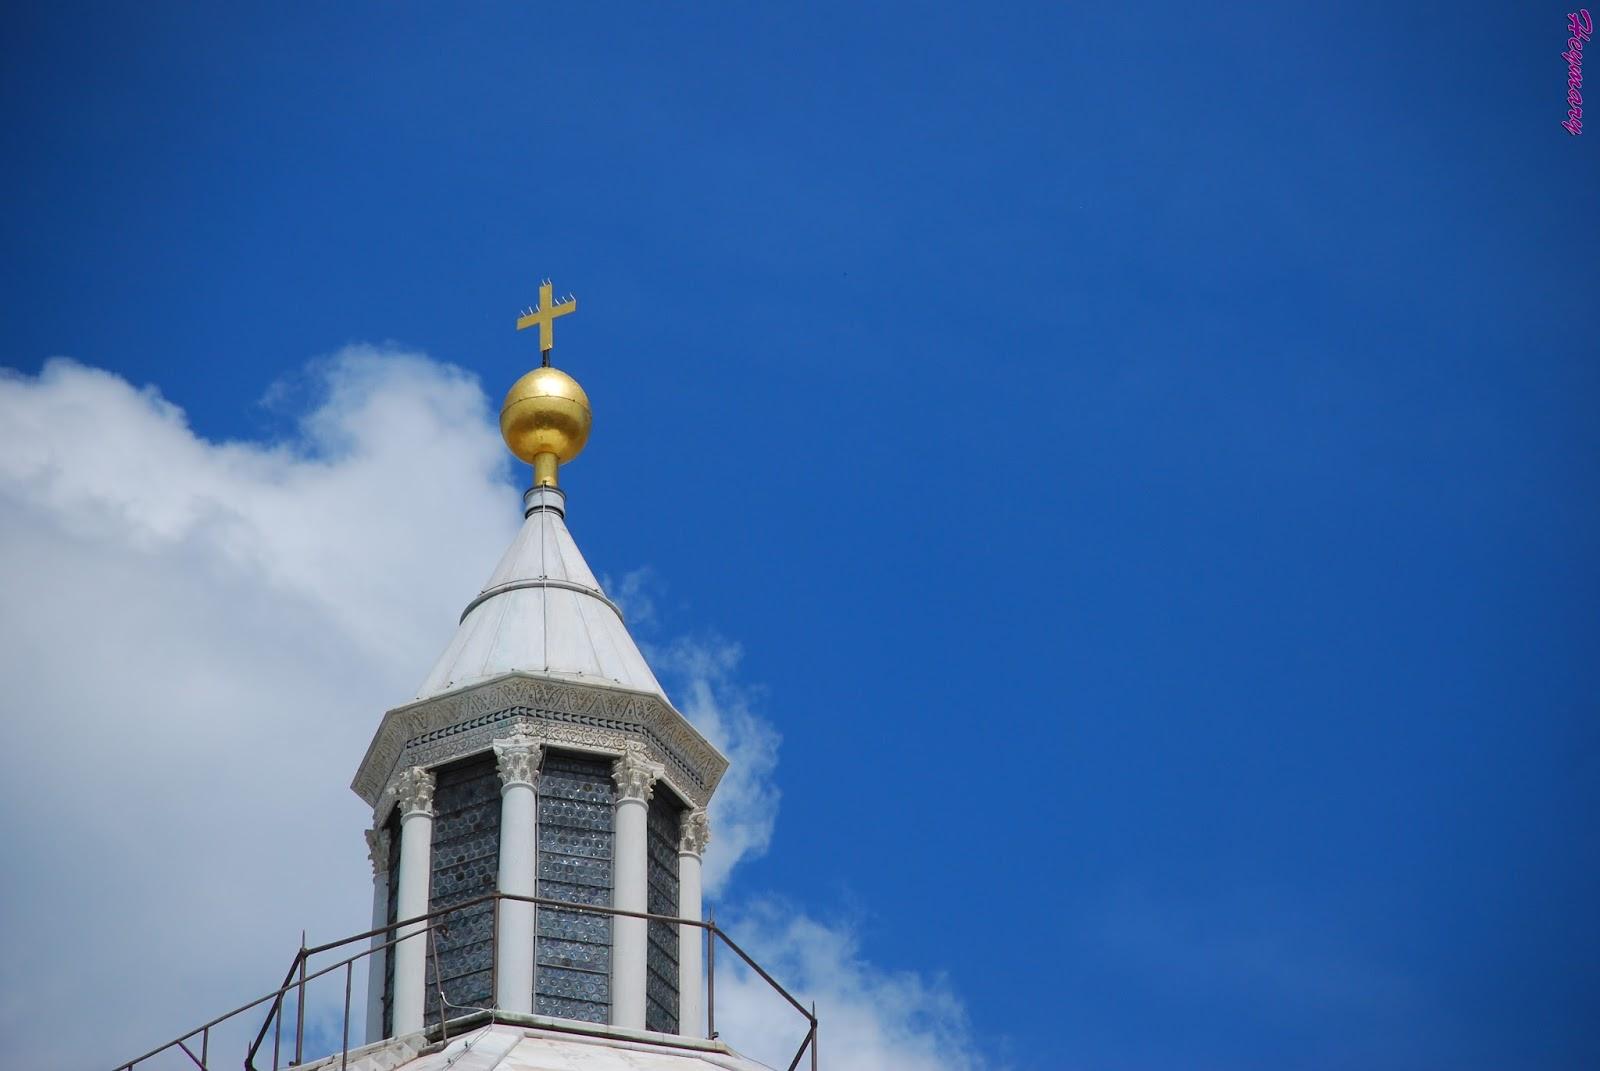 聖母百花大教堂|義大利最大的教堂,圓頂是最大的磚造穹頂